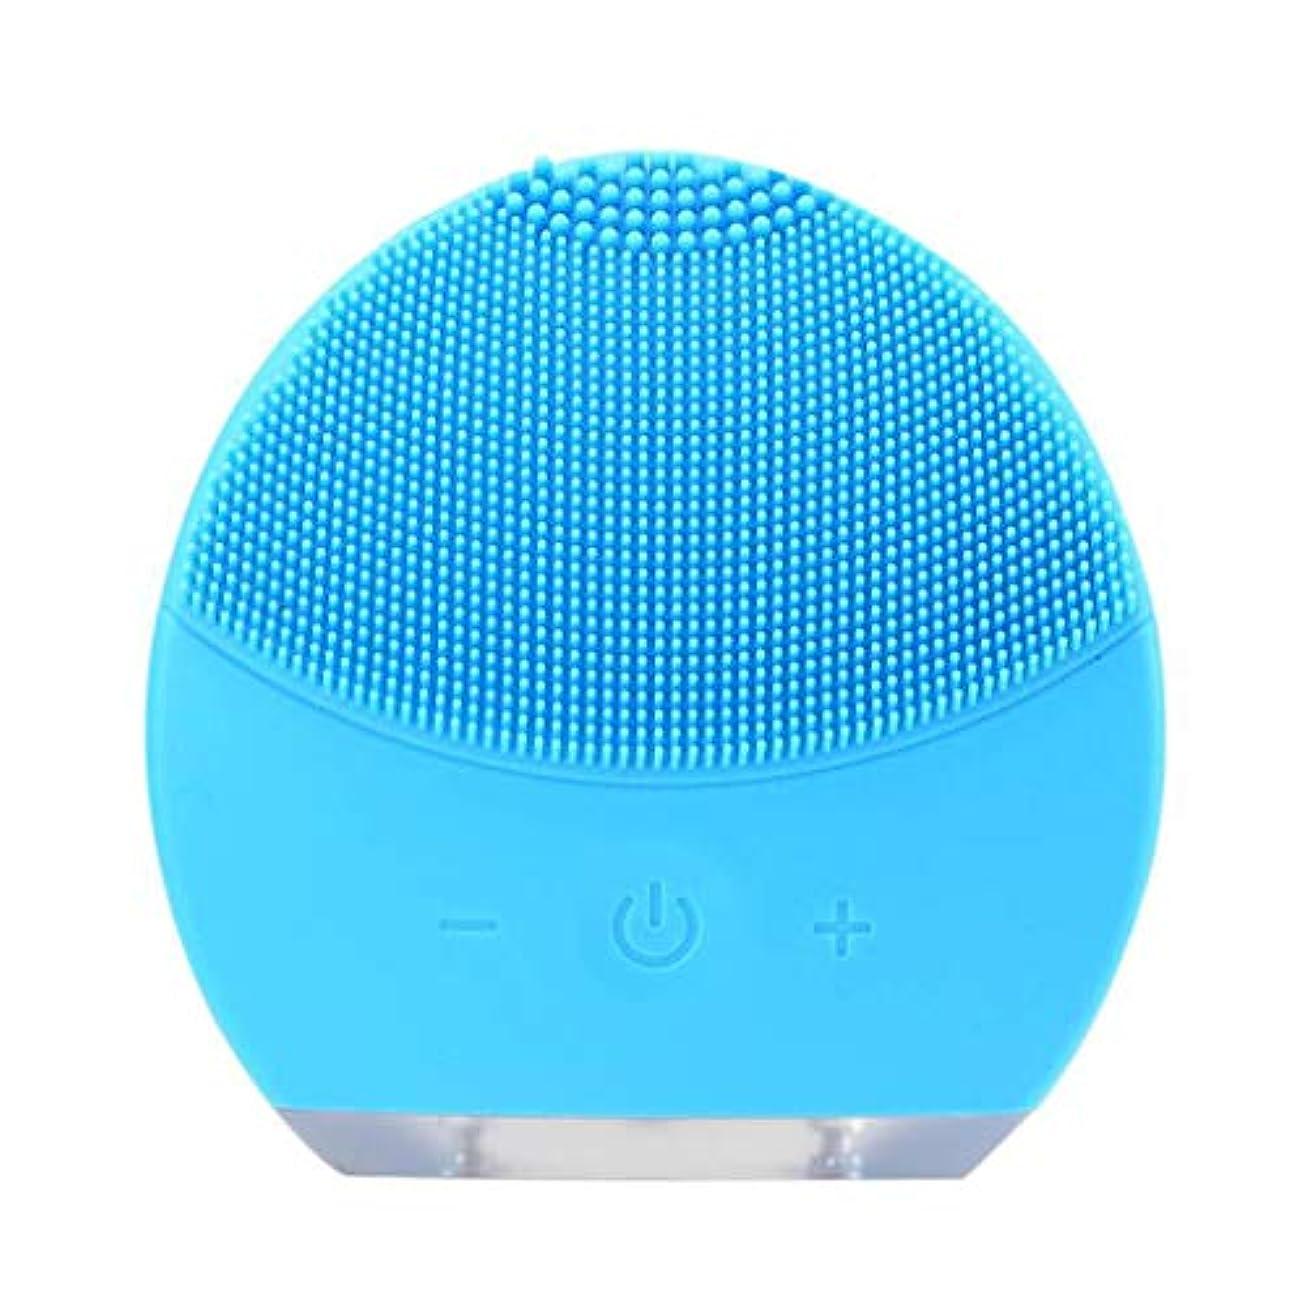 市区町村憎しみベルト超音波振動美容機器洗浄器、皮膚の毛穴を最小限に抑えるマイクロダーマブレーション毛穴、USB 充電と防水,Blue